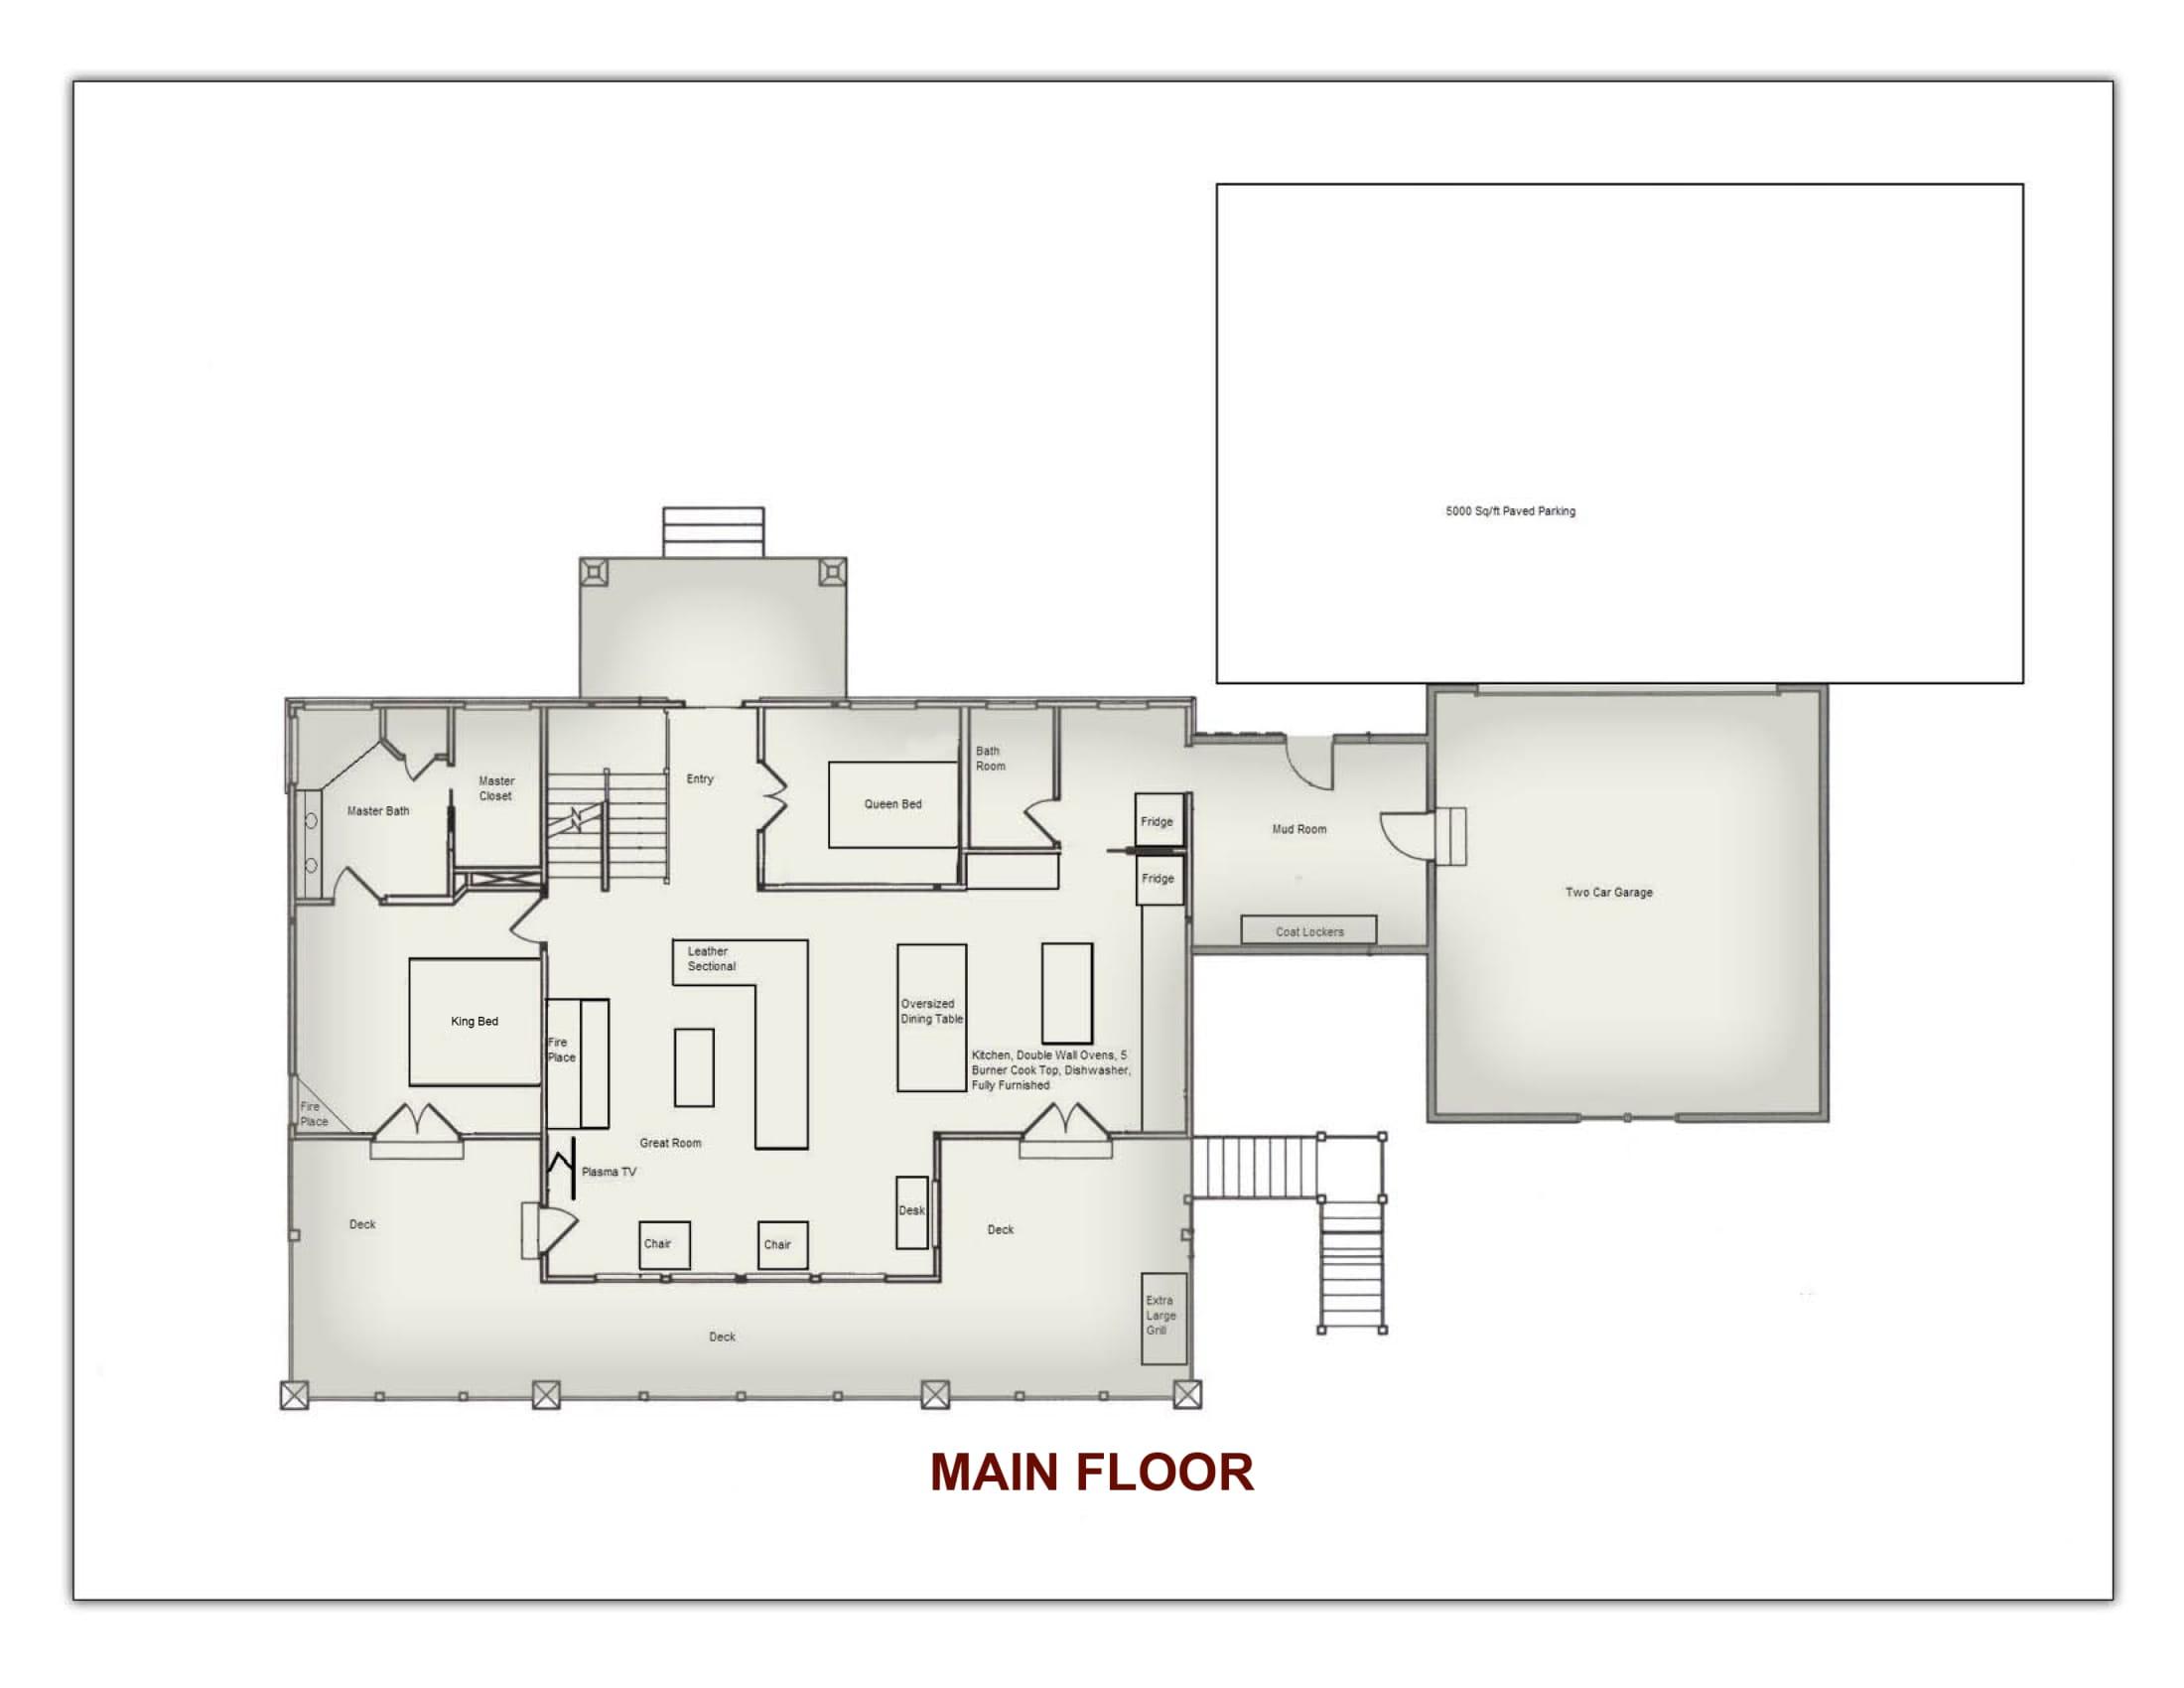 Stonefly Lodge Main Floor Floor Plan